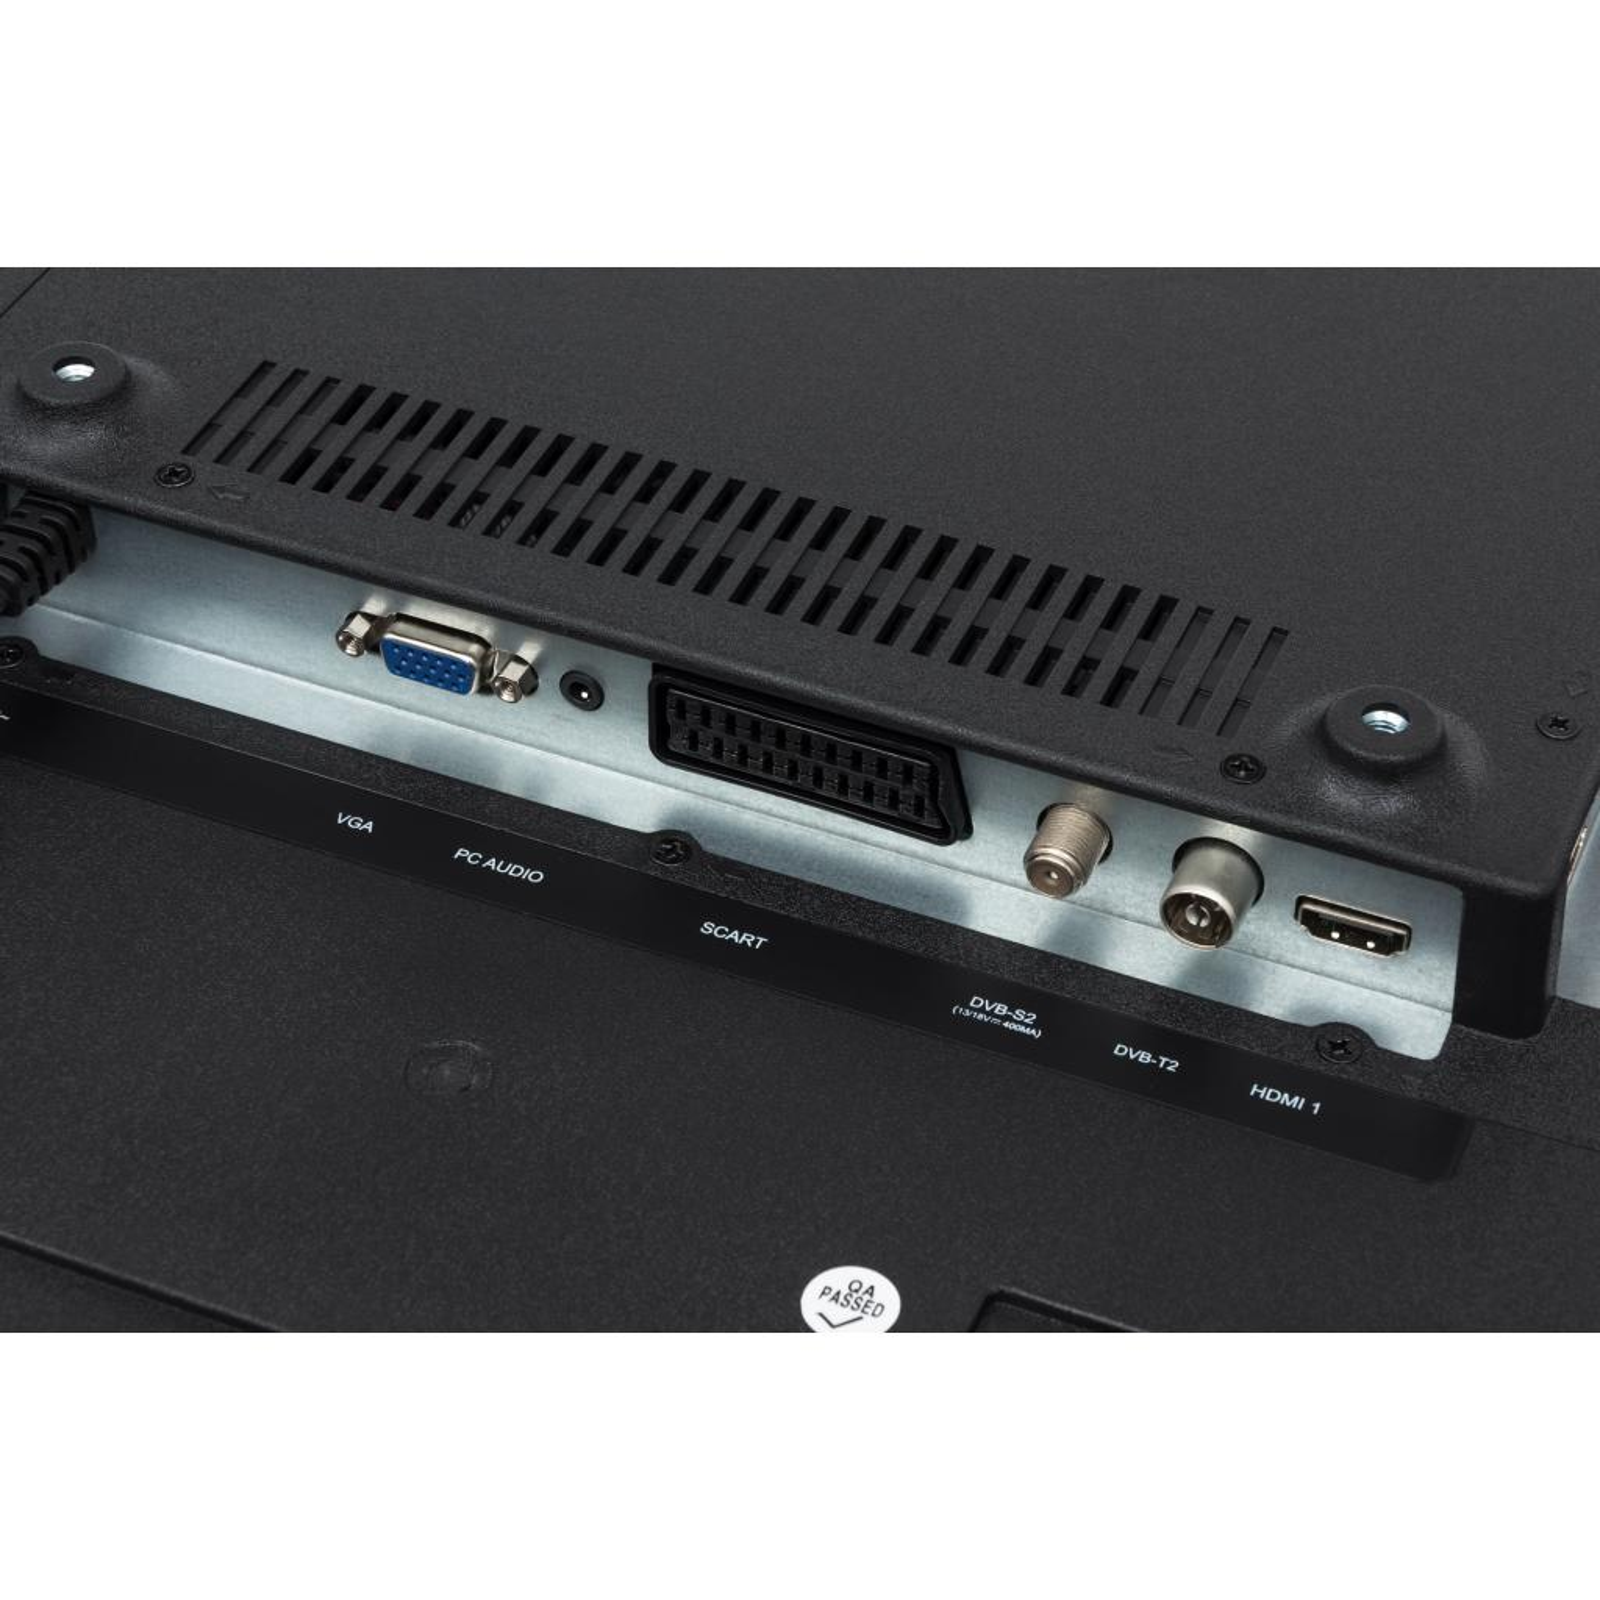 Телевизор Vinga L43FHD23B изображение 10